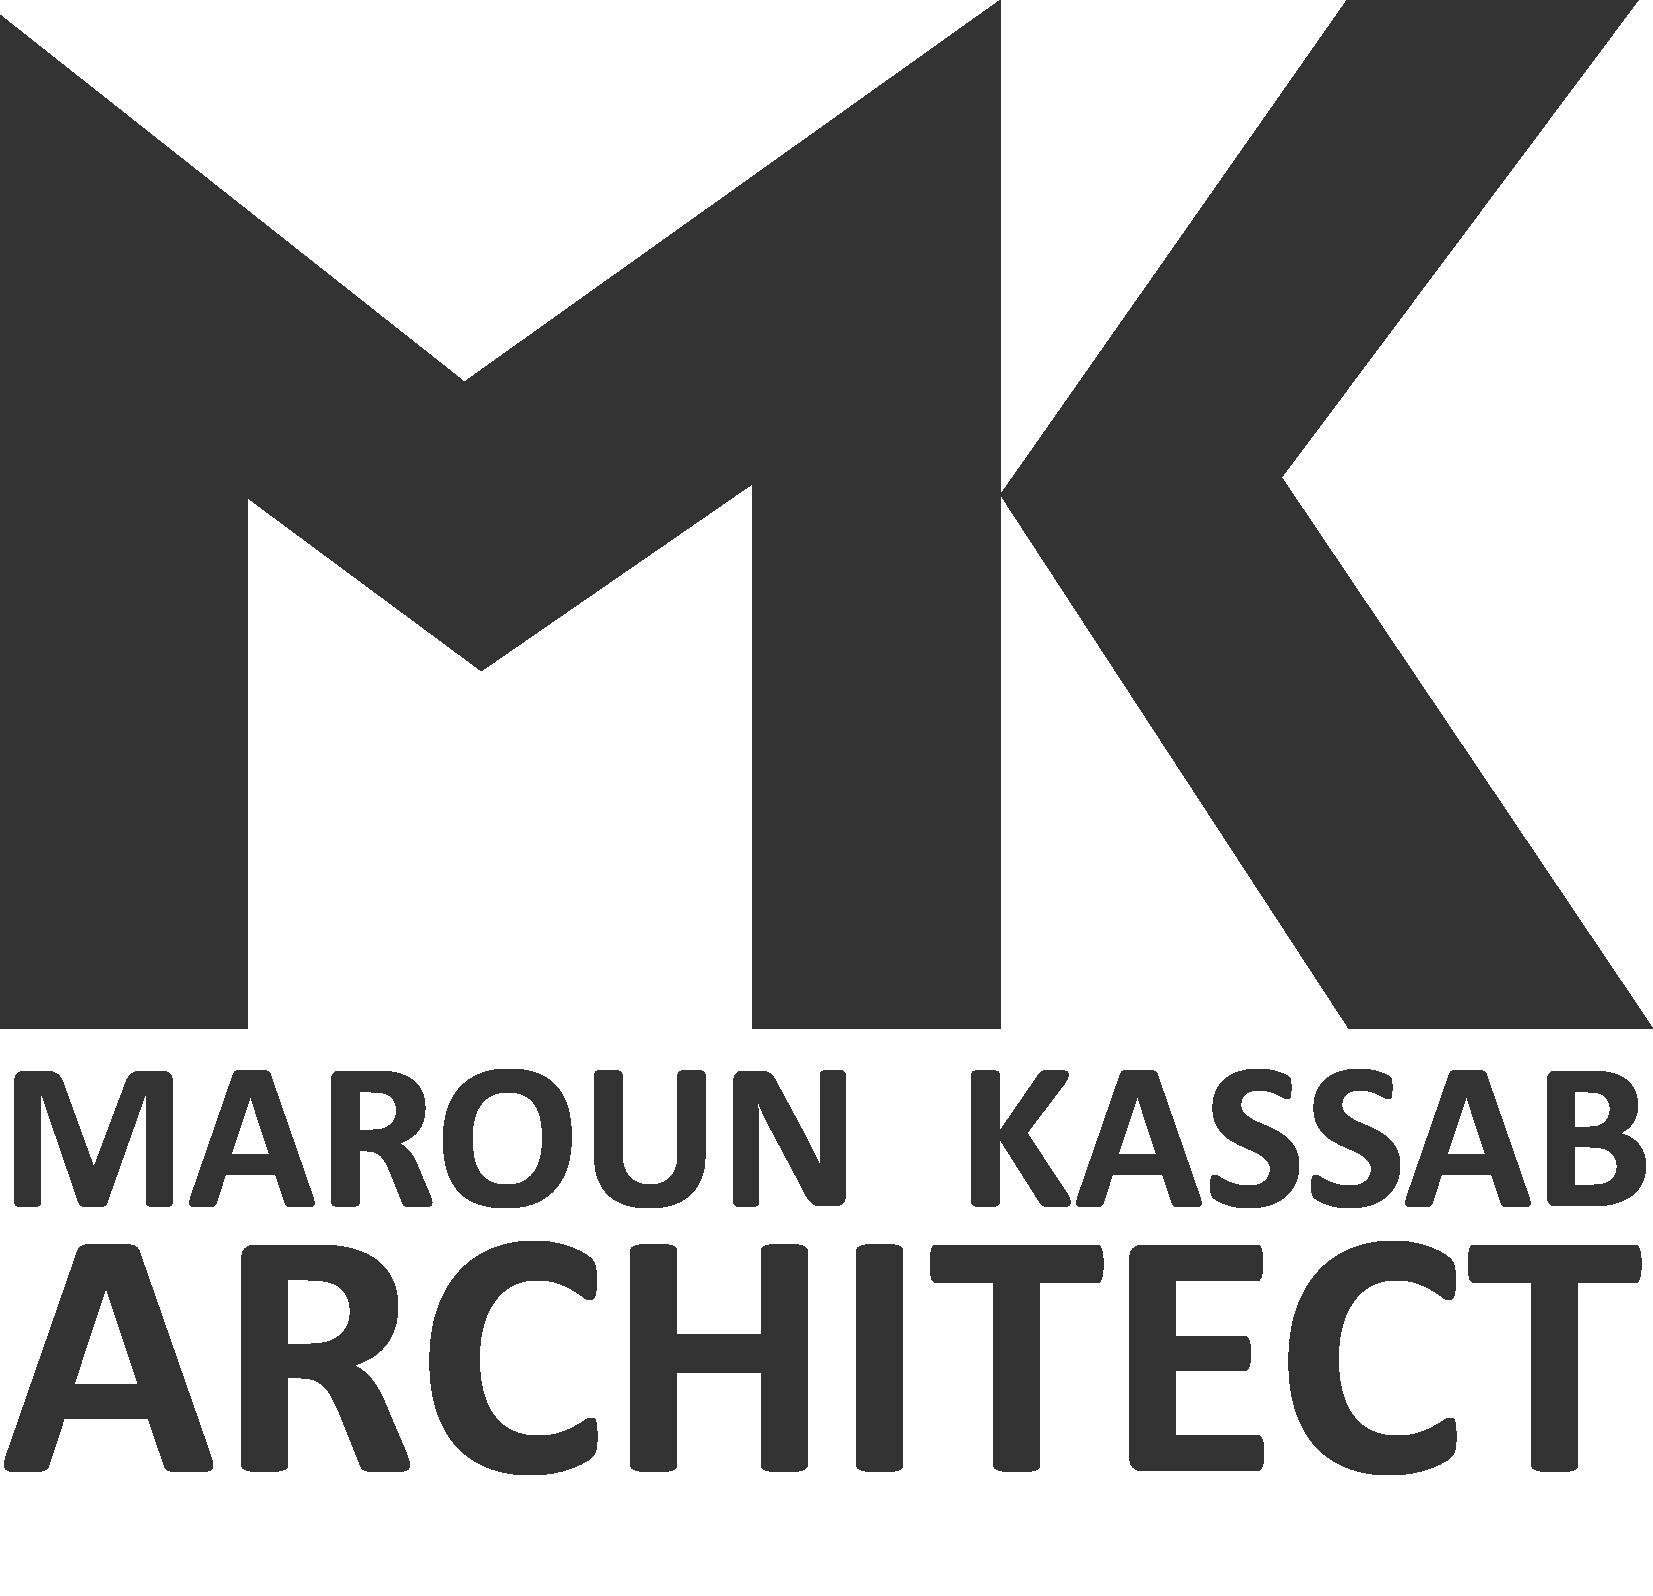 Maroun Kassab